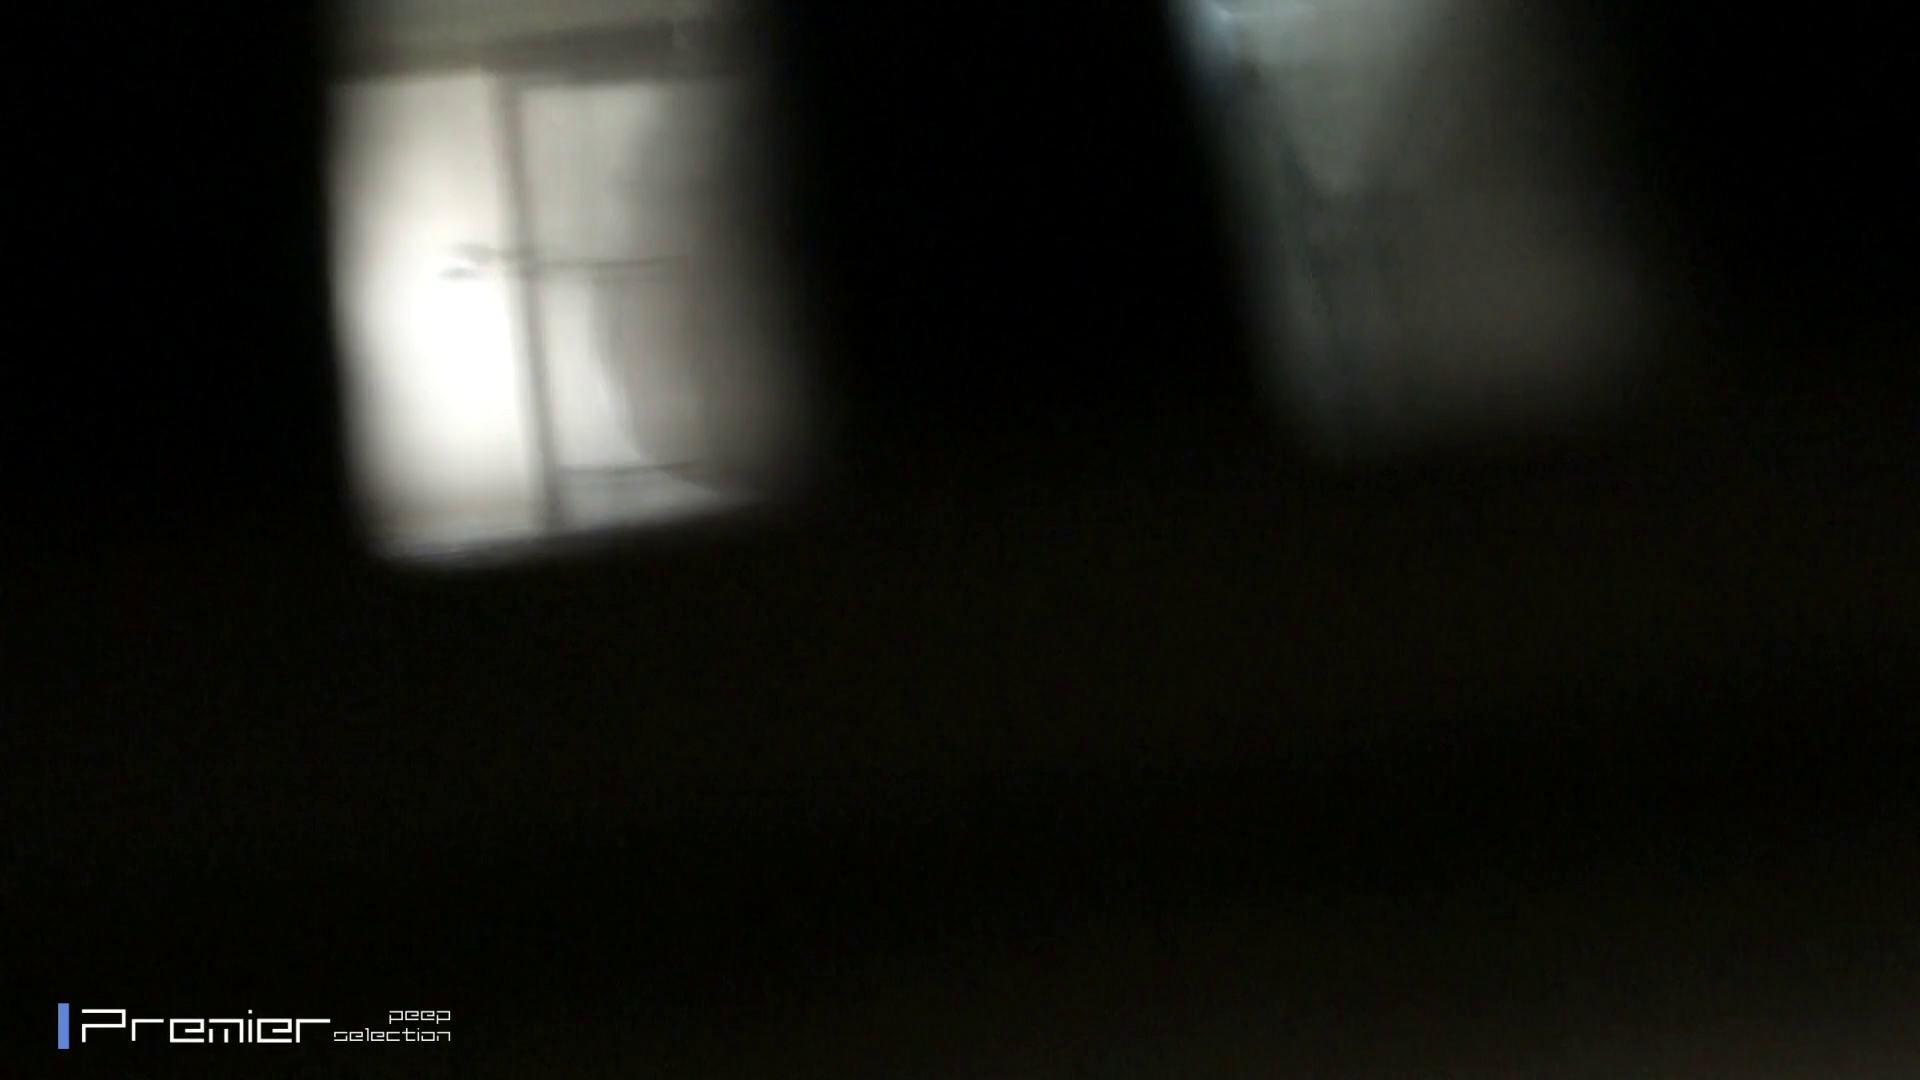 美人限定★女子大生の私生活★詰合せ 美女達の私生活に潜入! ギャルズ スケベ動画紹介 106画像 100